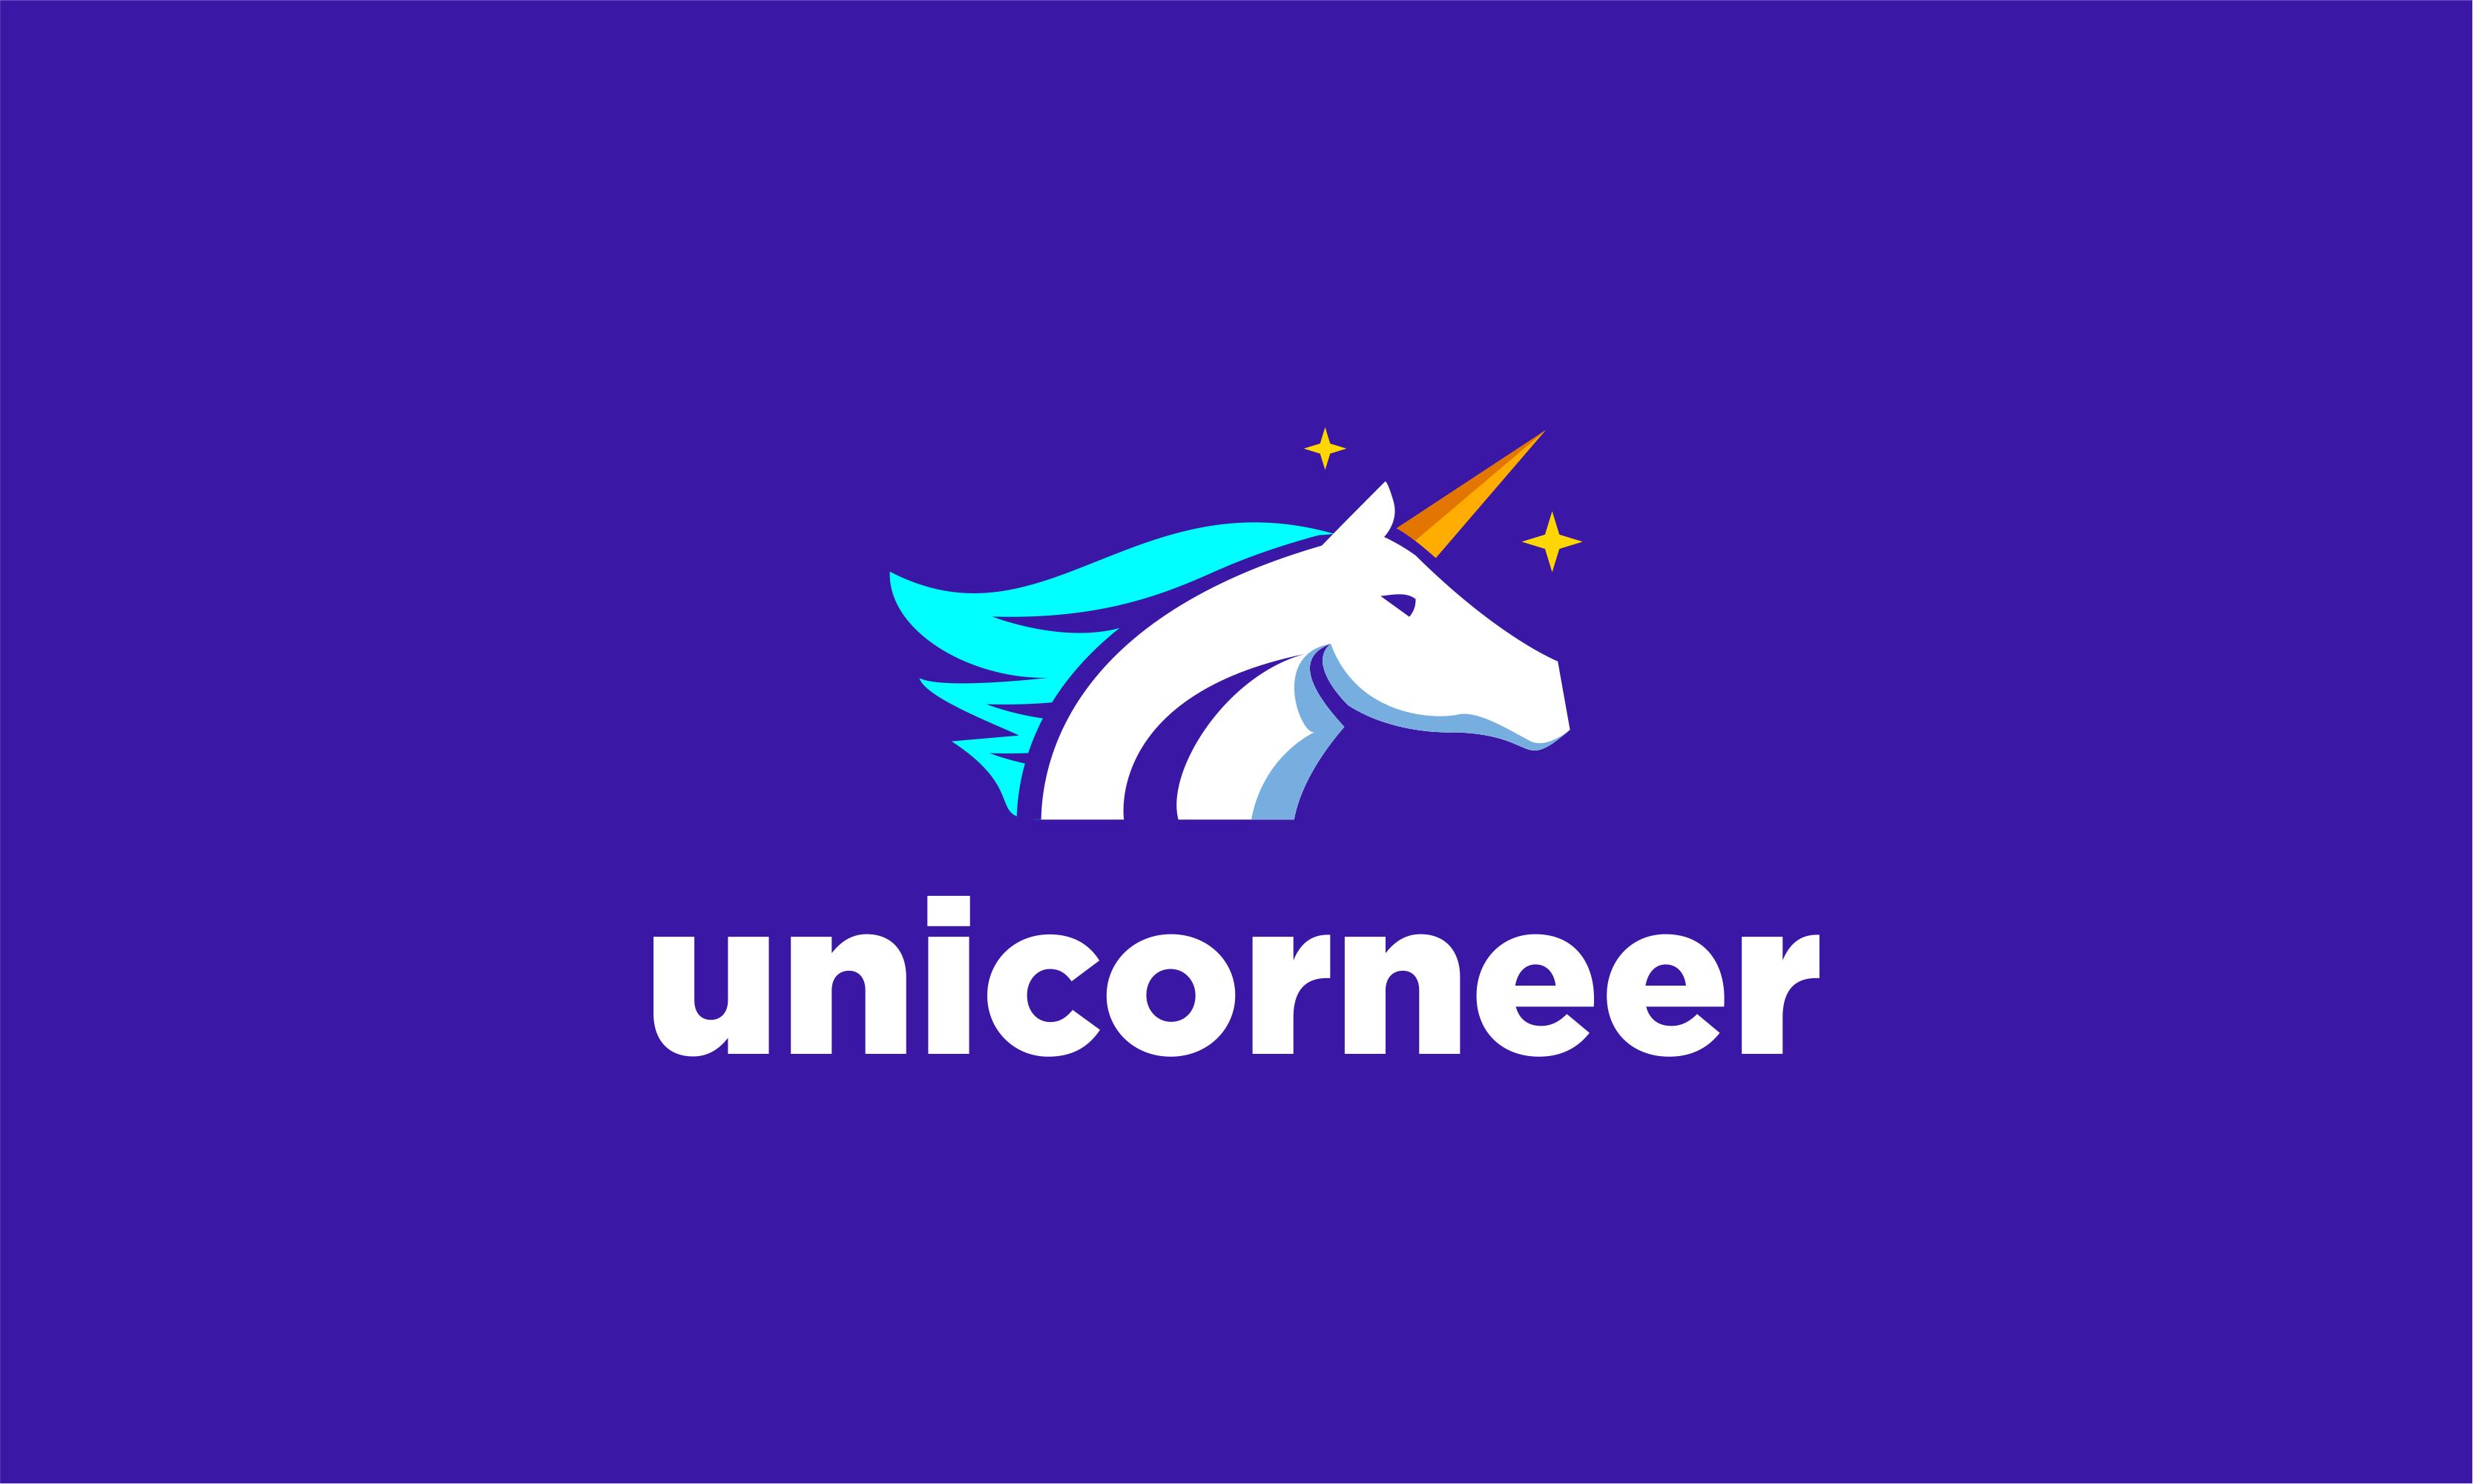 Unicorneer